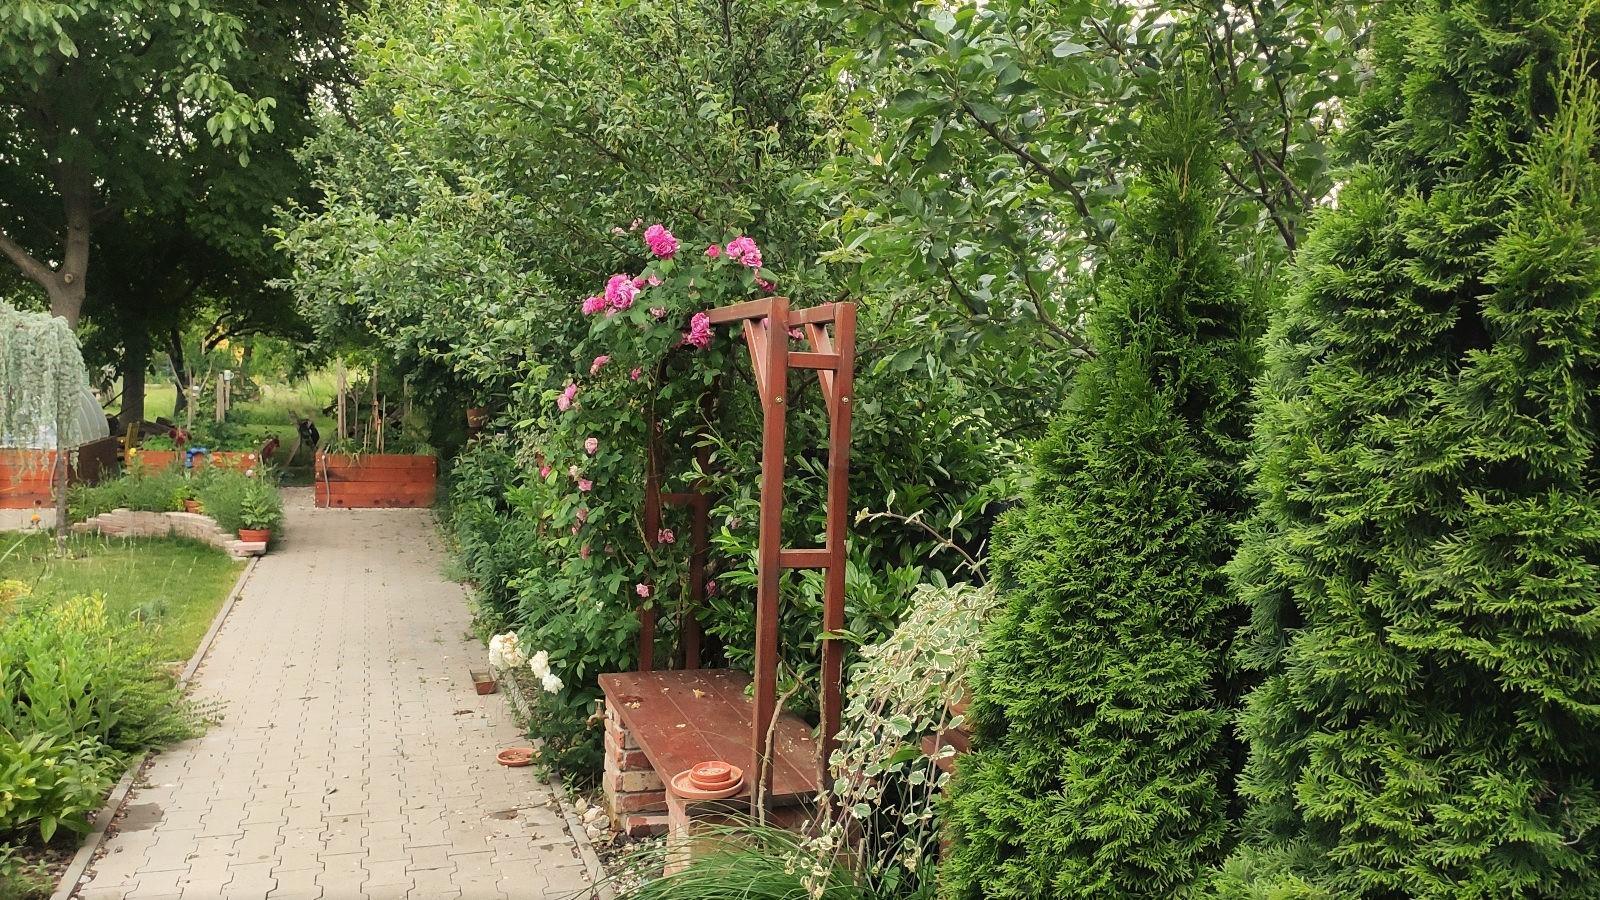 záhrada vidiecka, farebná rok 2021 - Obrázok č. 97